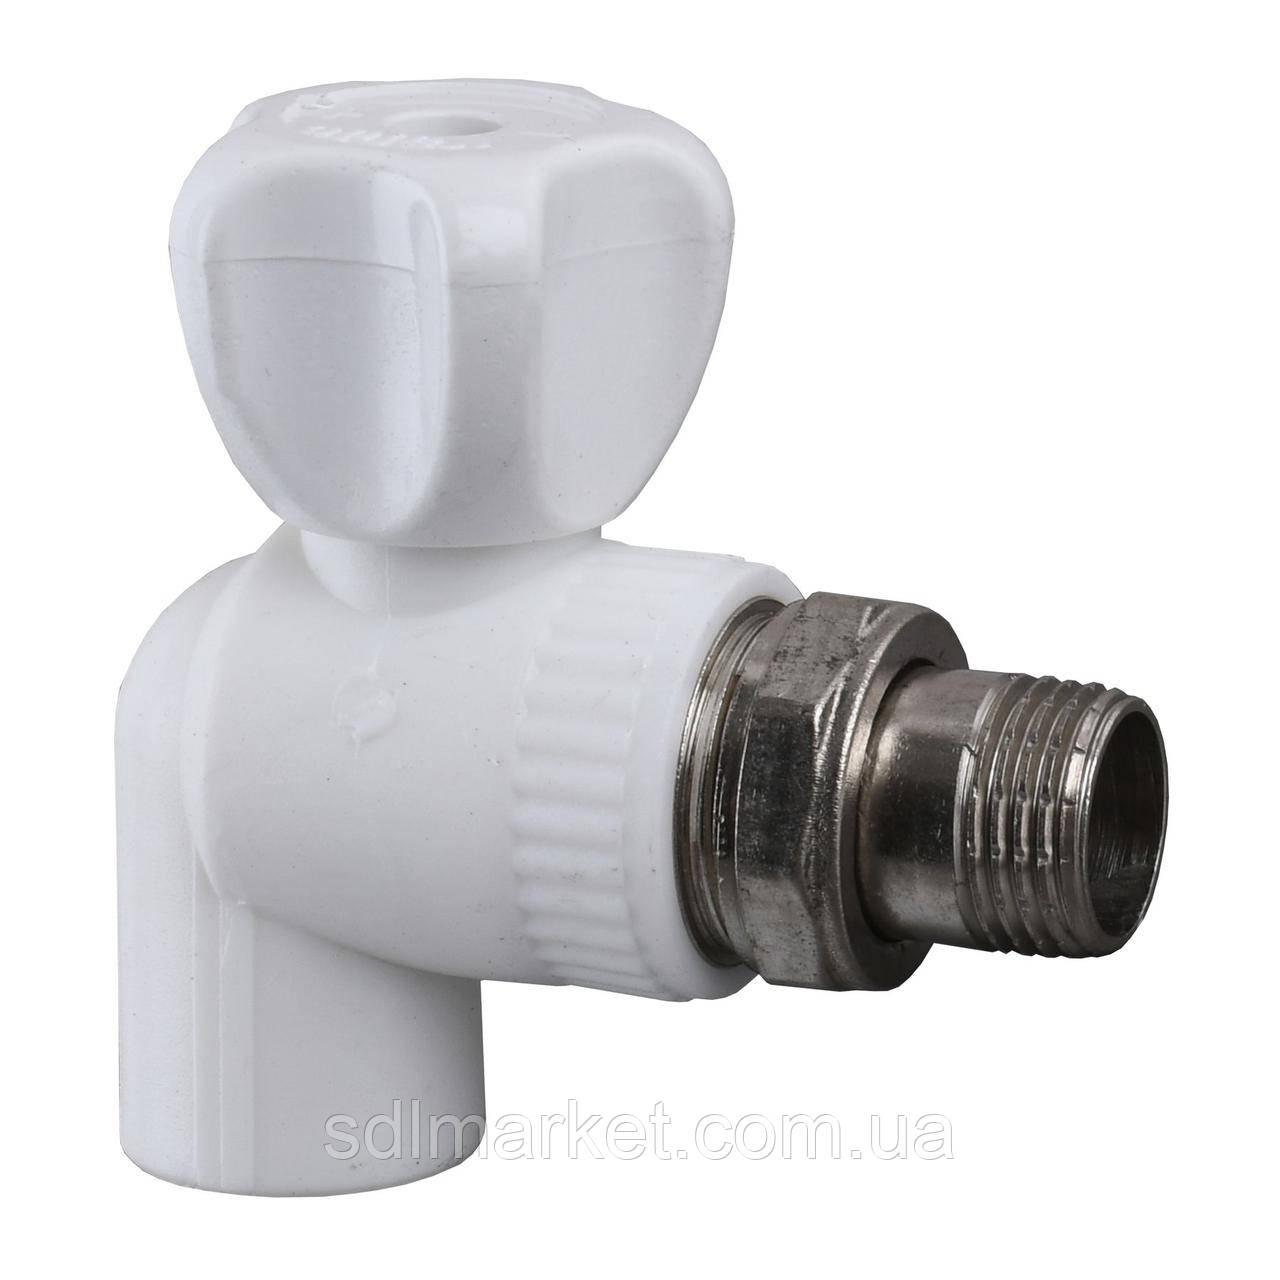 Кран радіаторний кутовий Kalde PPR ф20х1/2 (білий) 22013